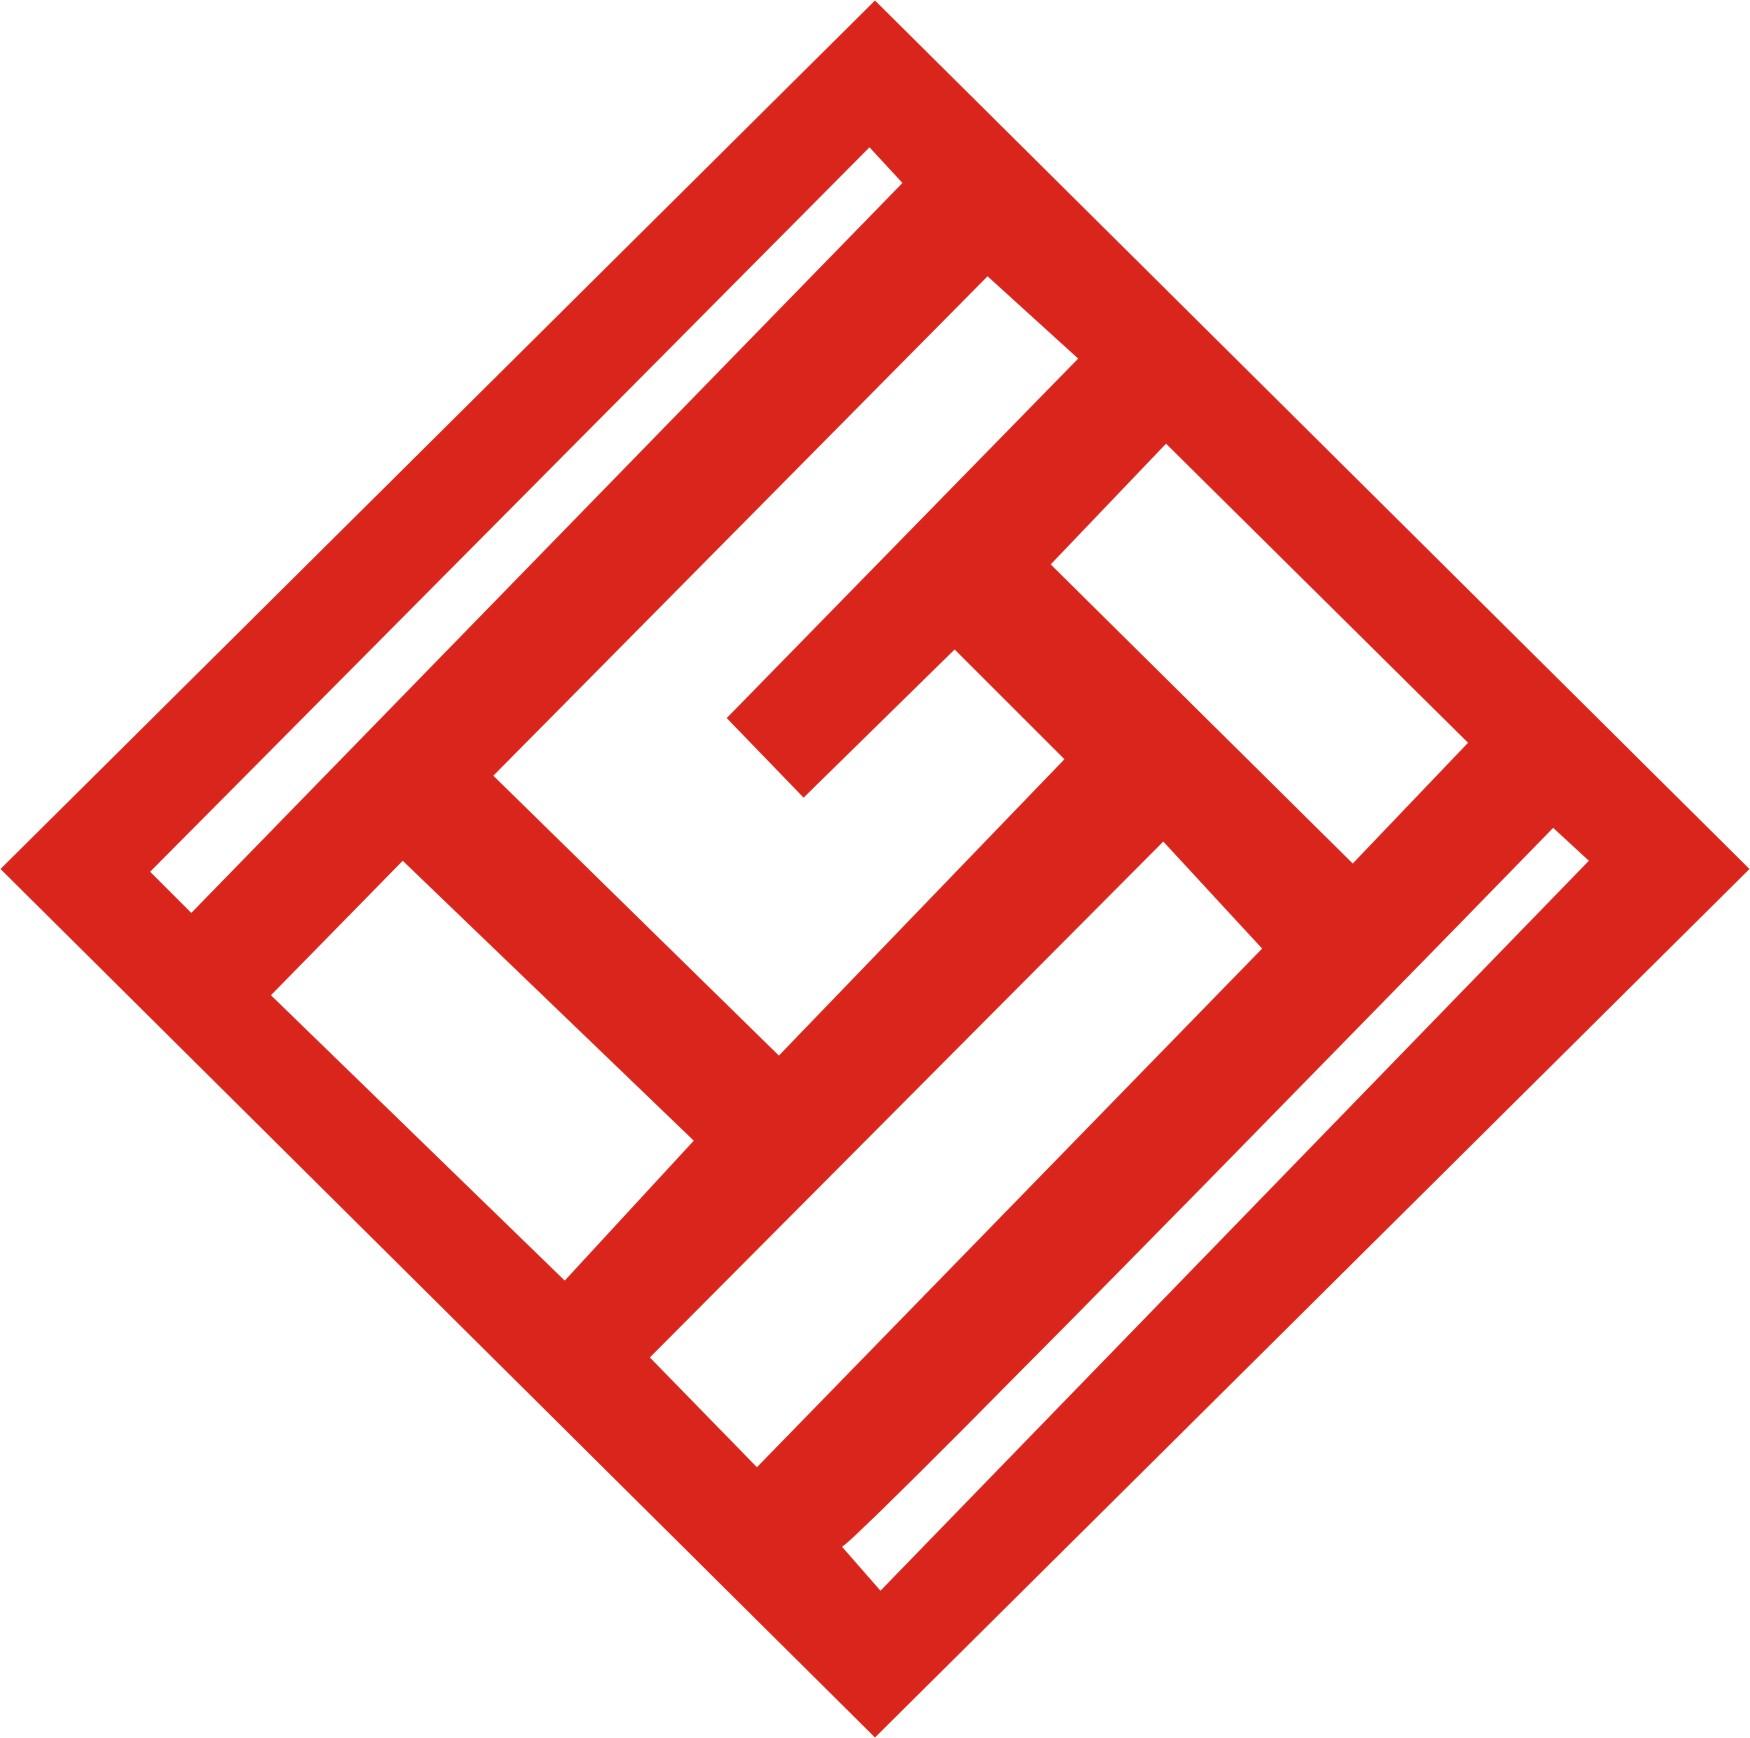 北京泰和佳消防设备有限公司